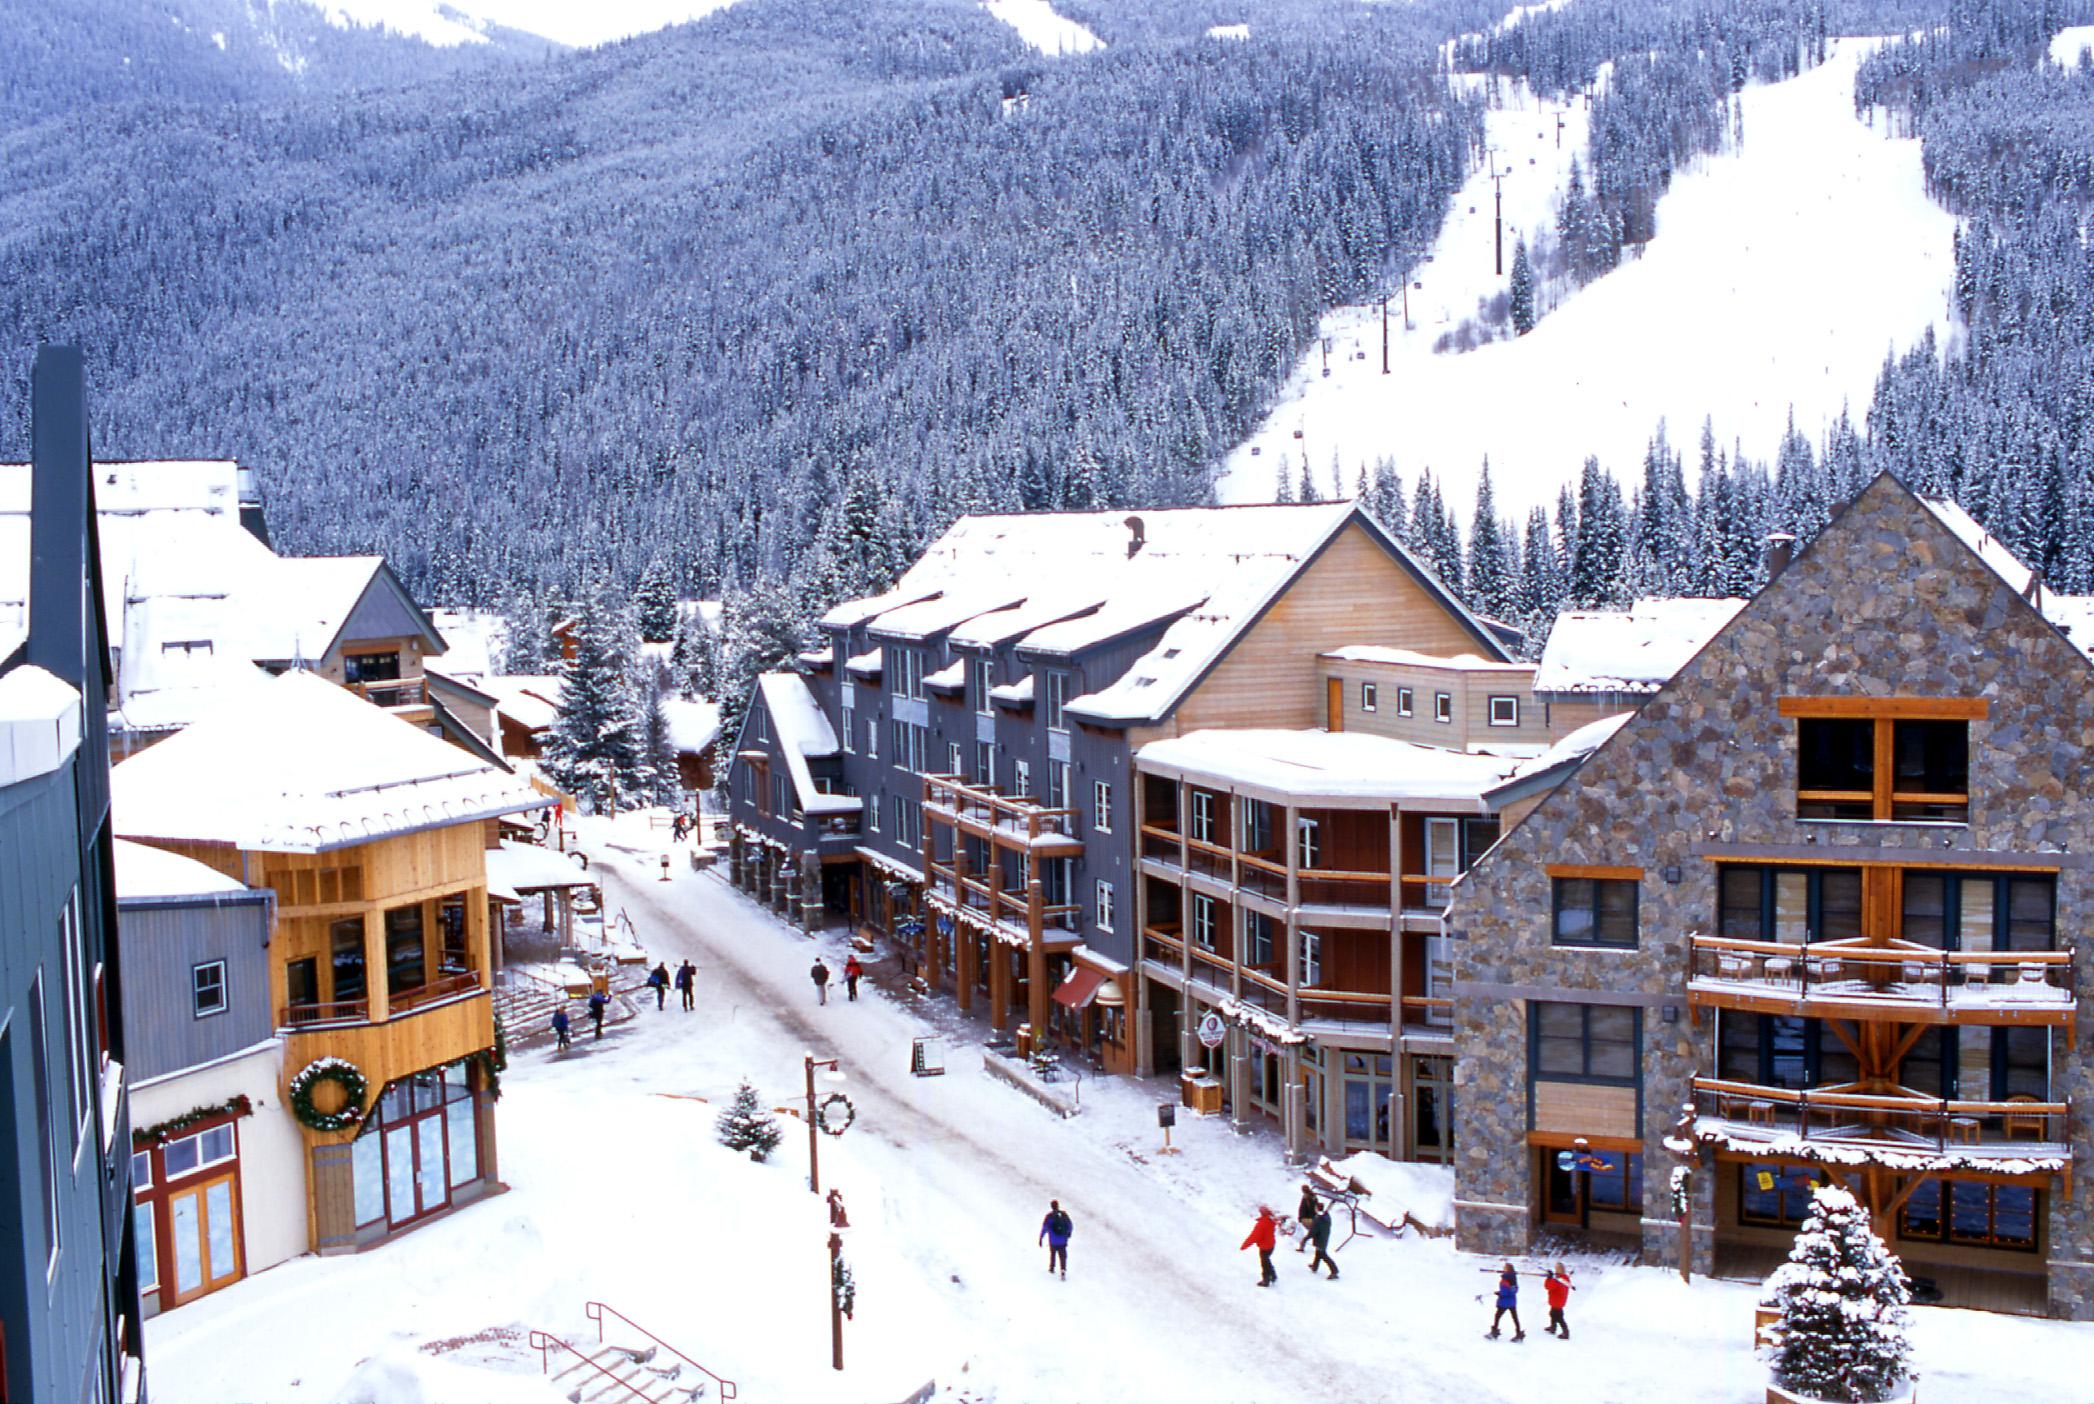 Winter in River Run Village at Keystone Resort